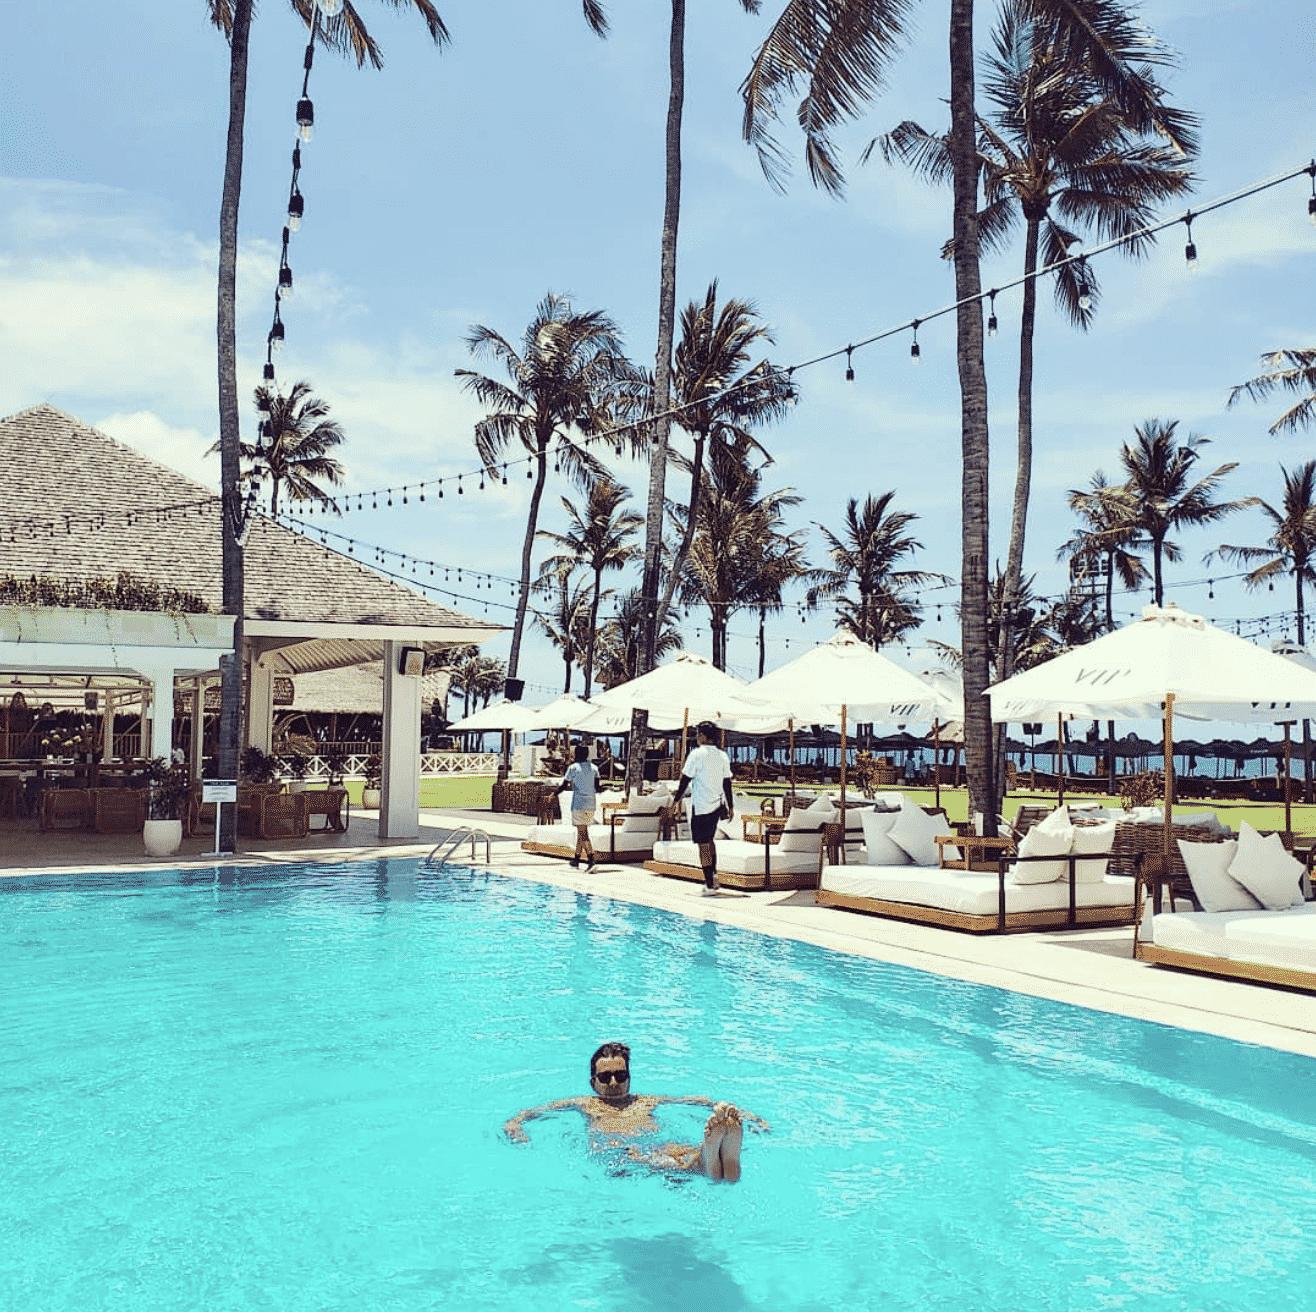 Vivir en Bali de lujo pagando poco